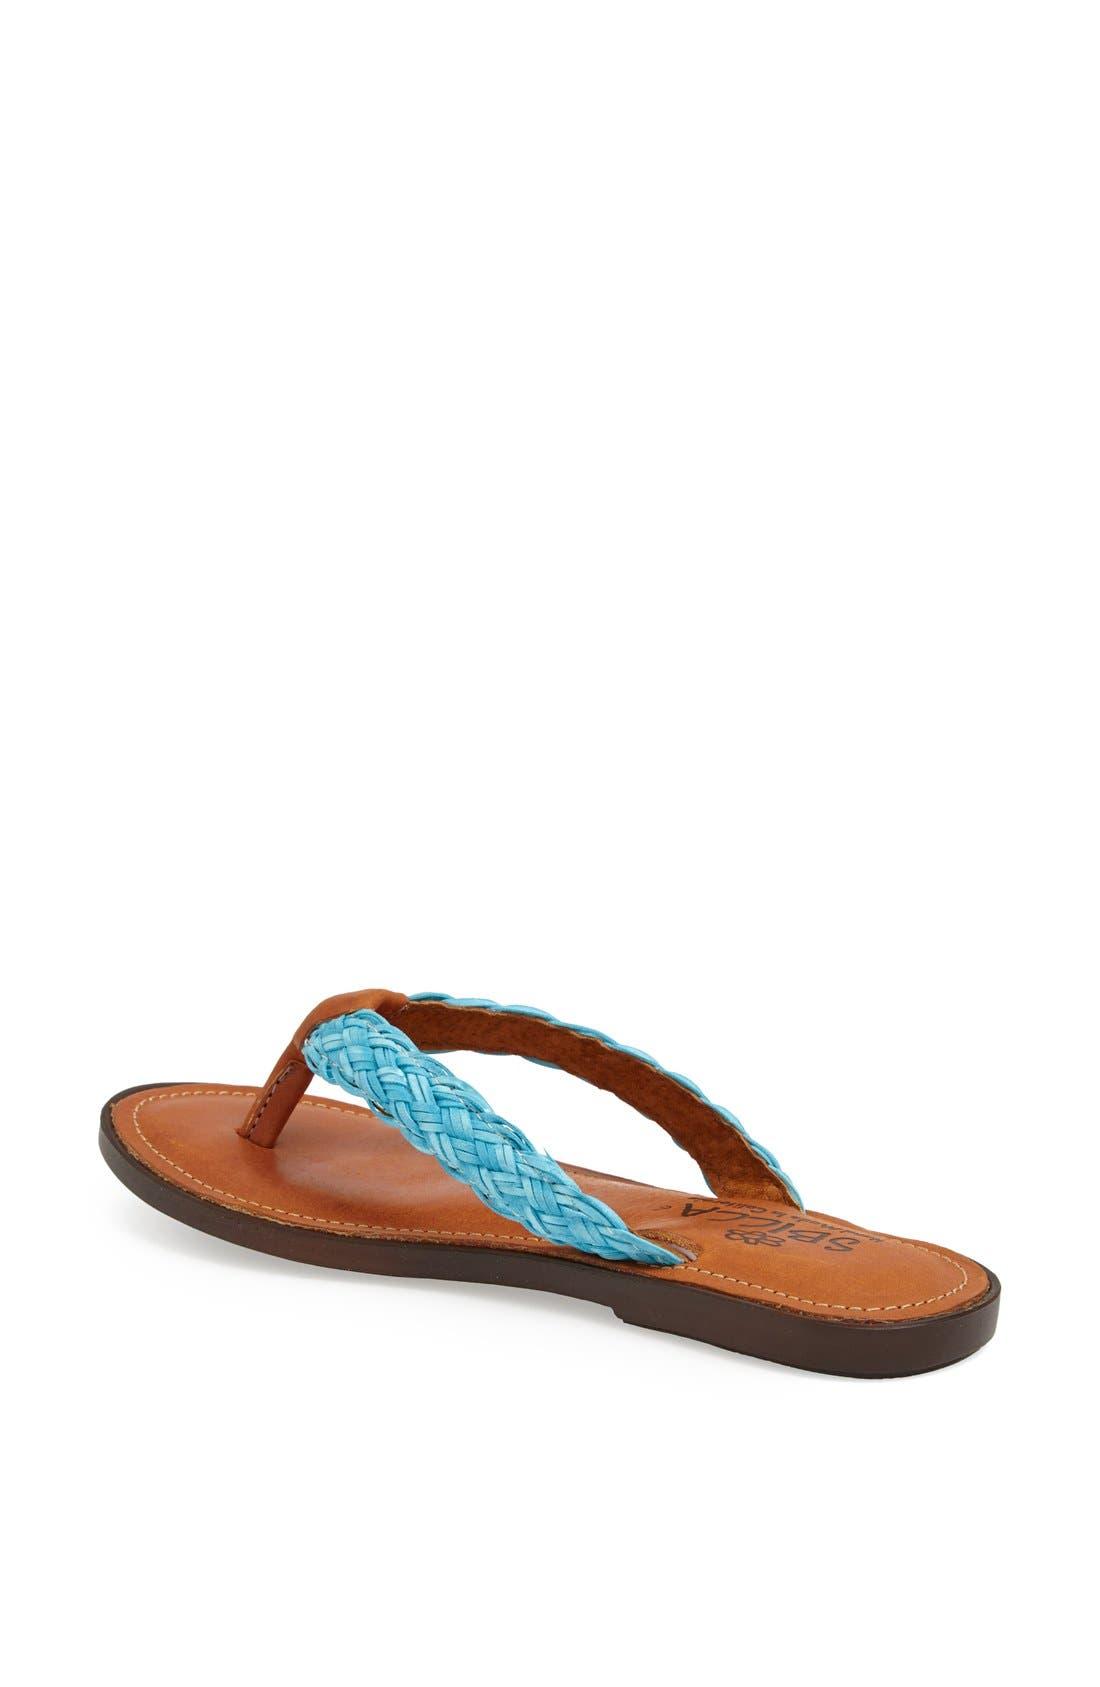 Alternate Image 2  - Sbicca 'Abalone' Flip Flop